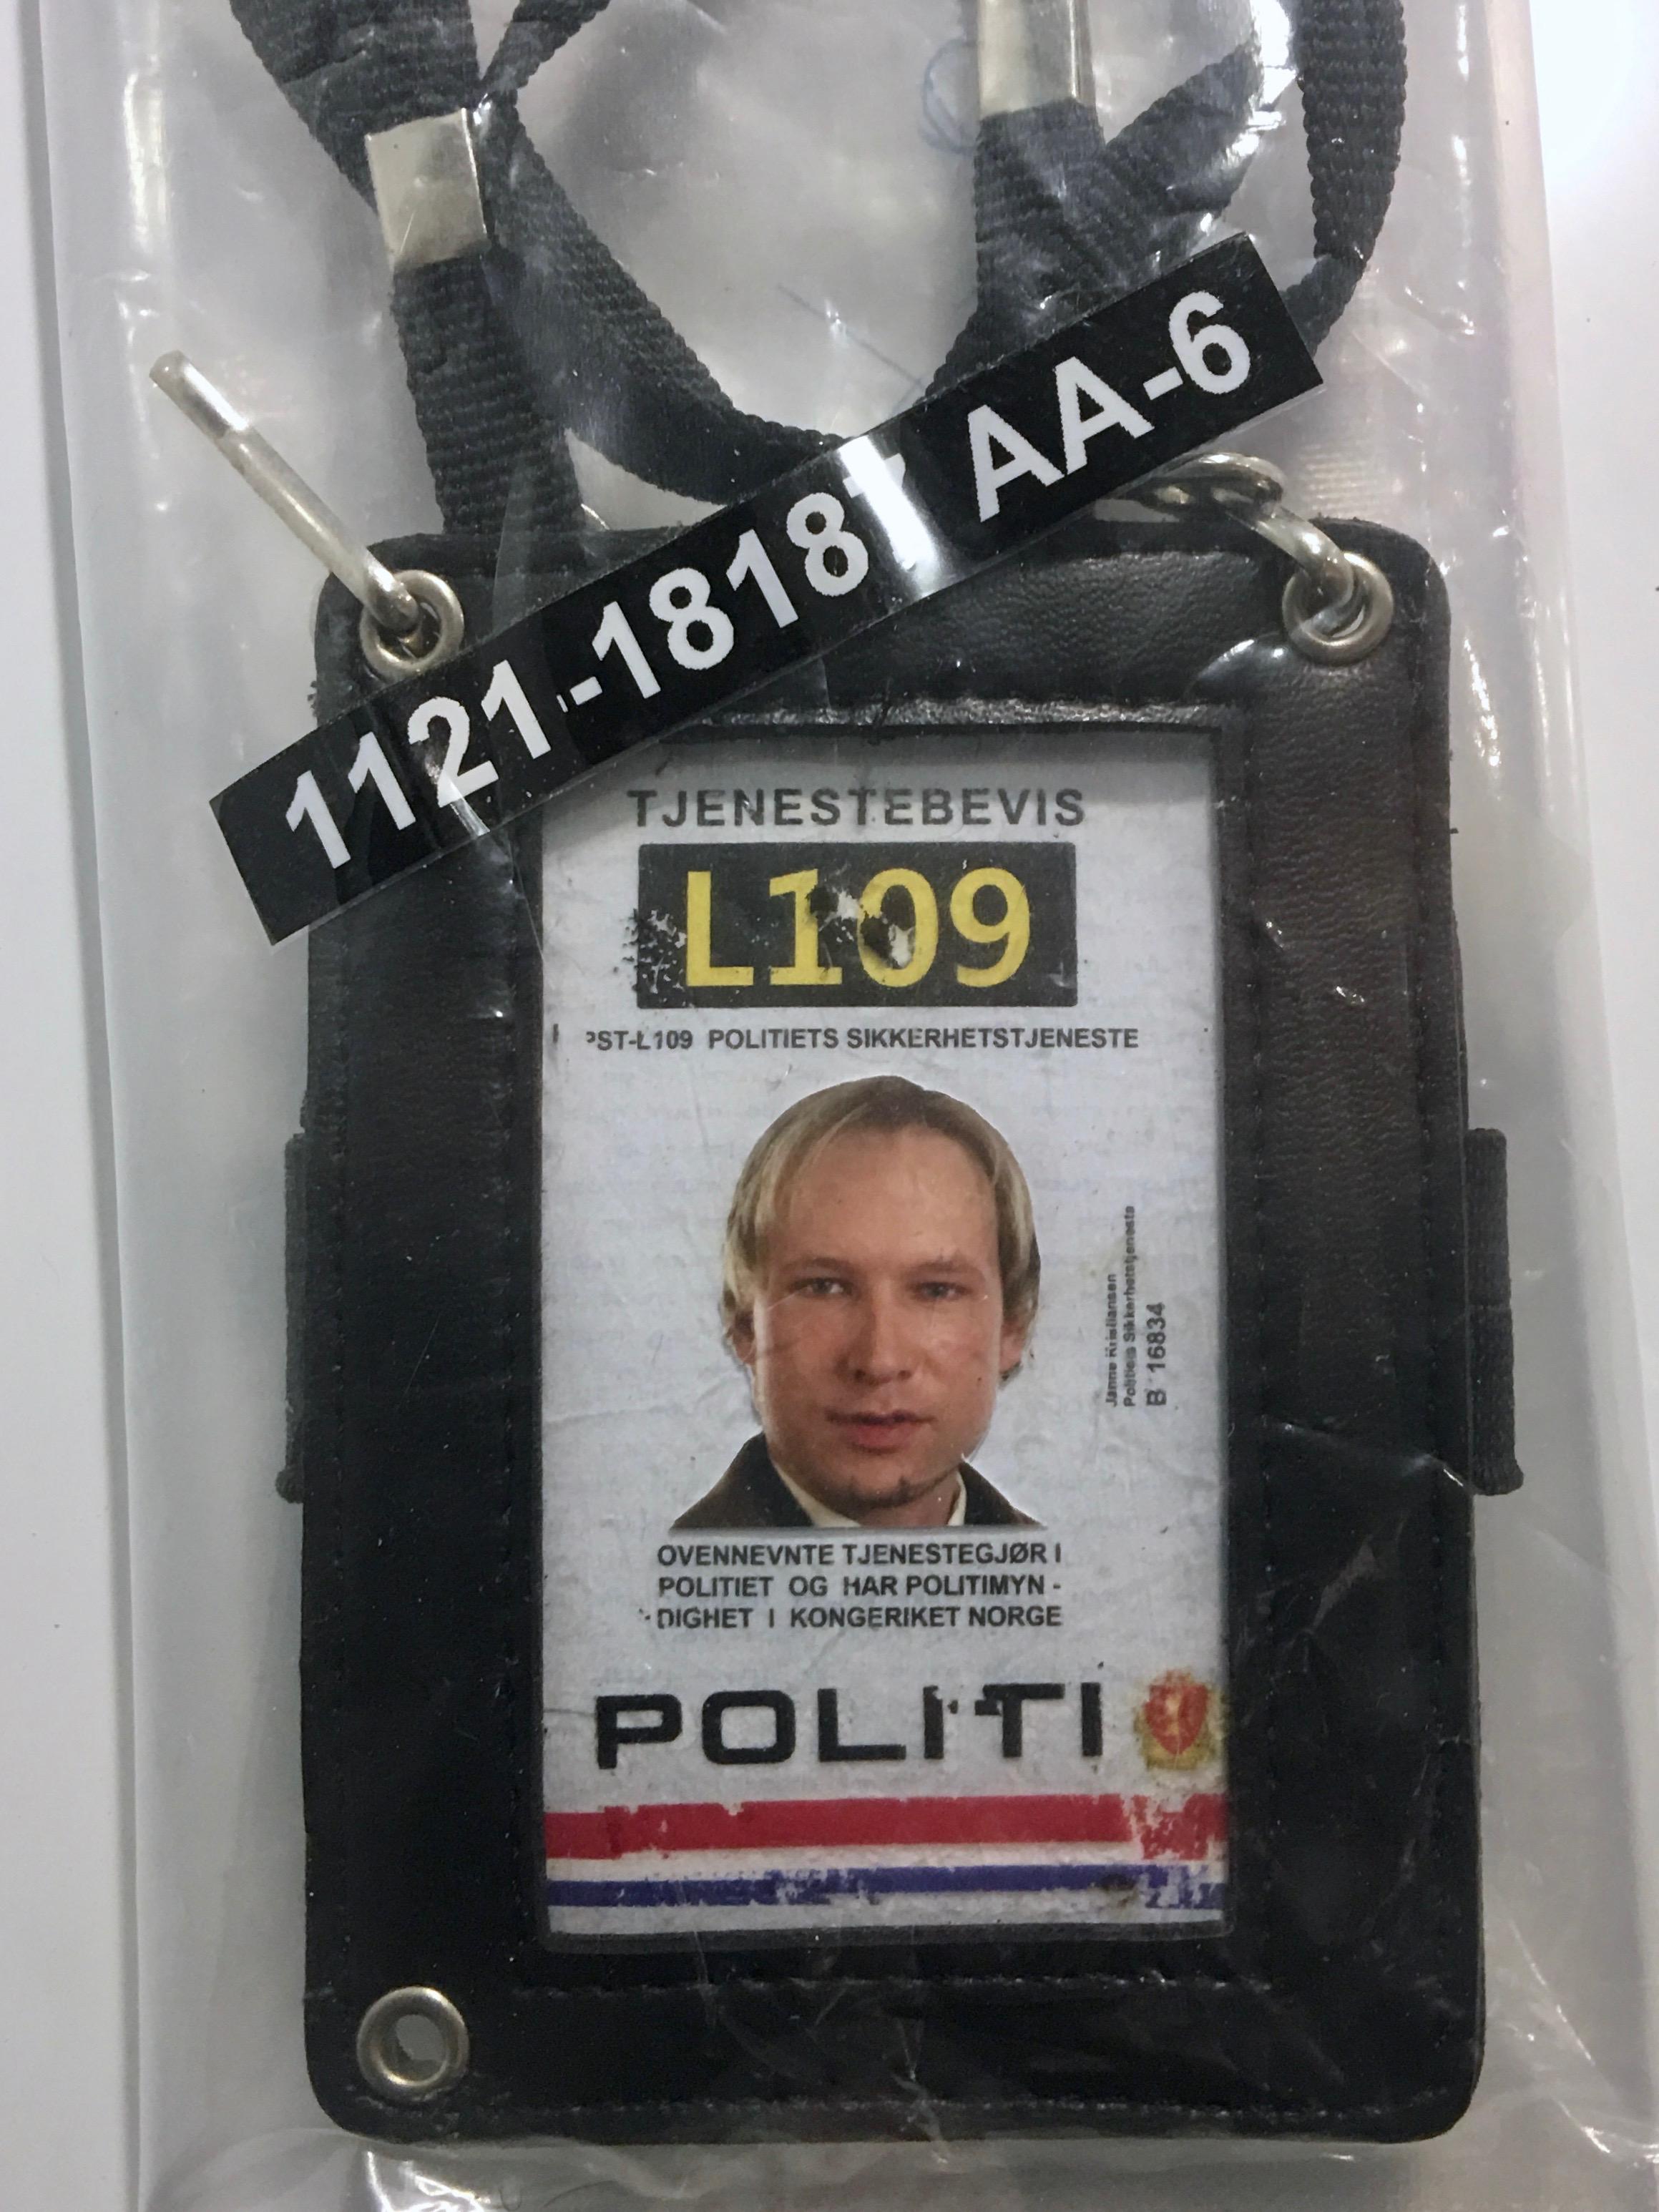 File:Terrorist Anders Behring Breivik's fake police ID as